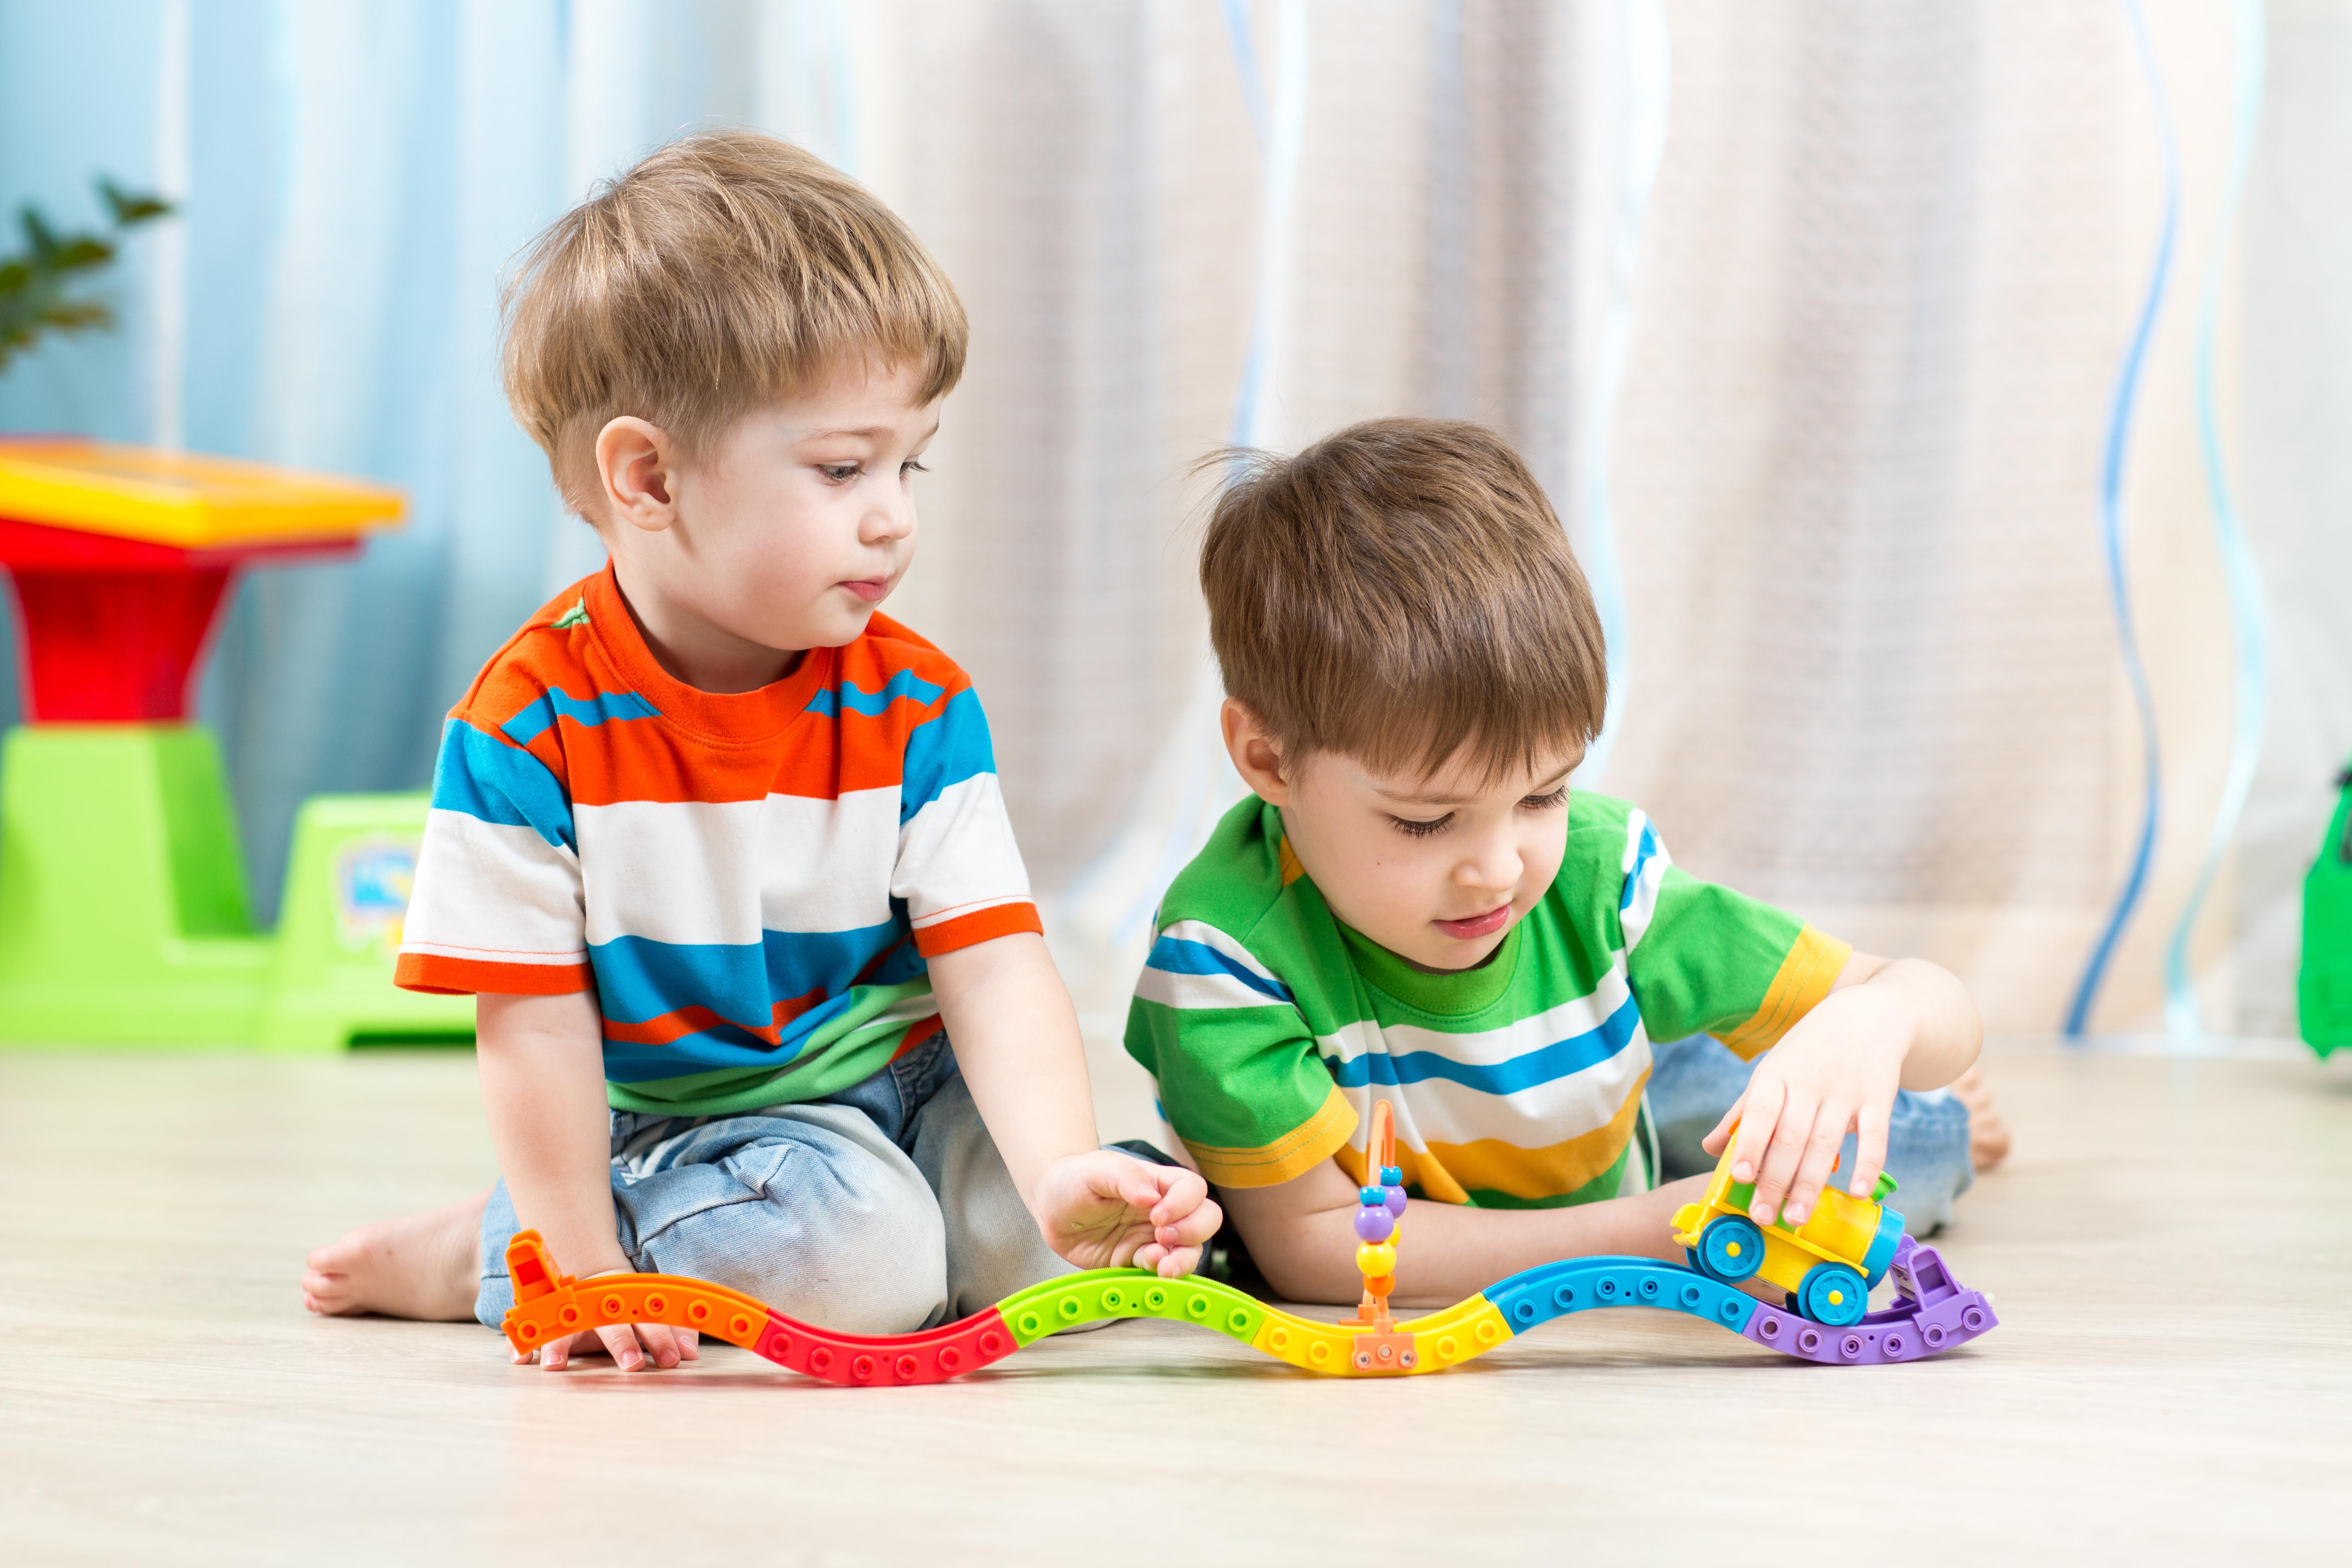 Ruski pedijatar savjetuje: Uradite ovo i naučićete dijete da bude samostalno